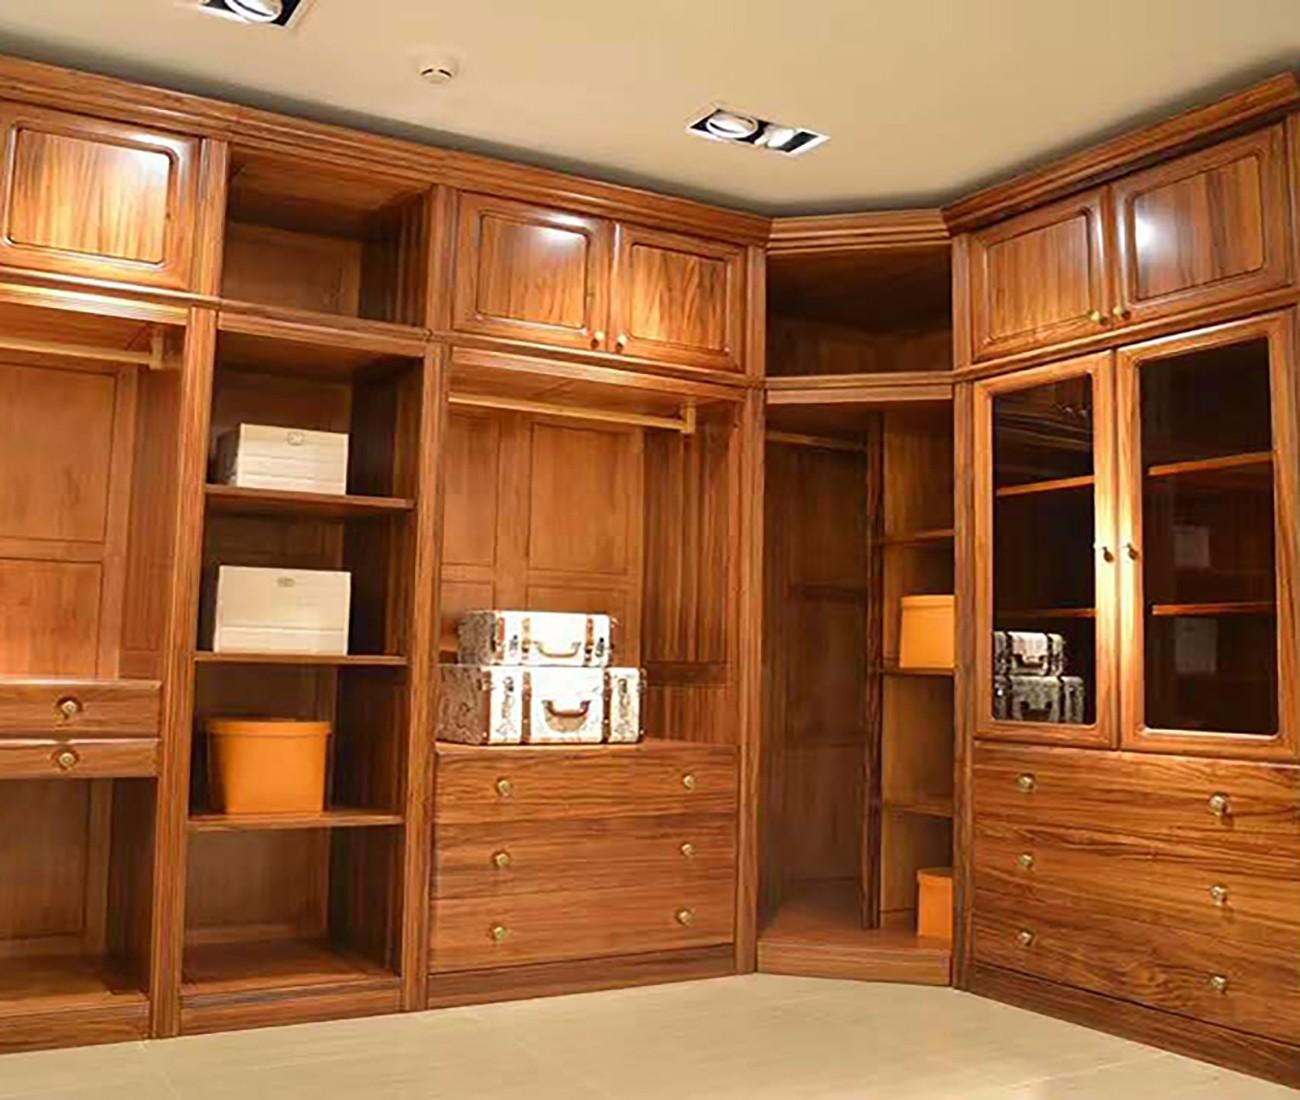 定制衣柜功能这么强大,且美观,难怪越来越多人不买成品衣柜了